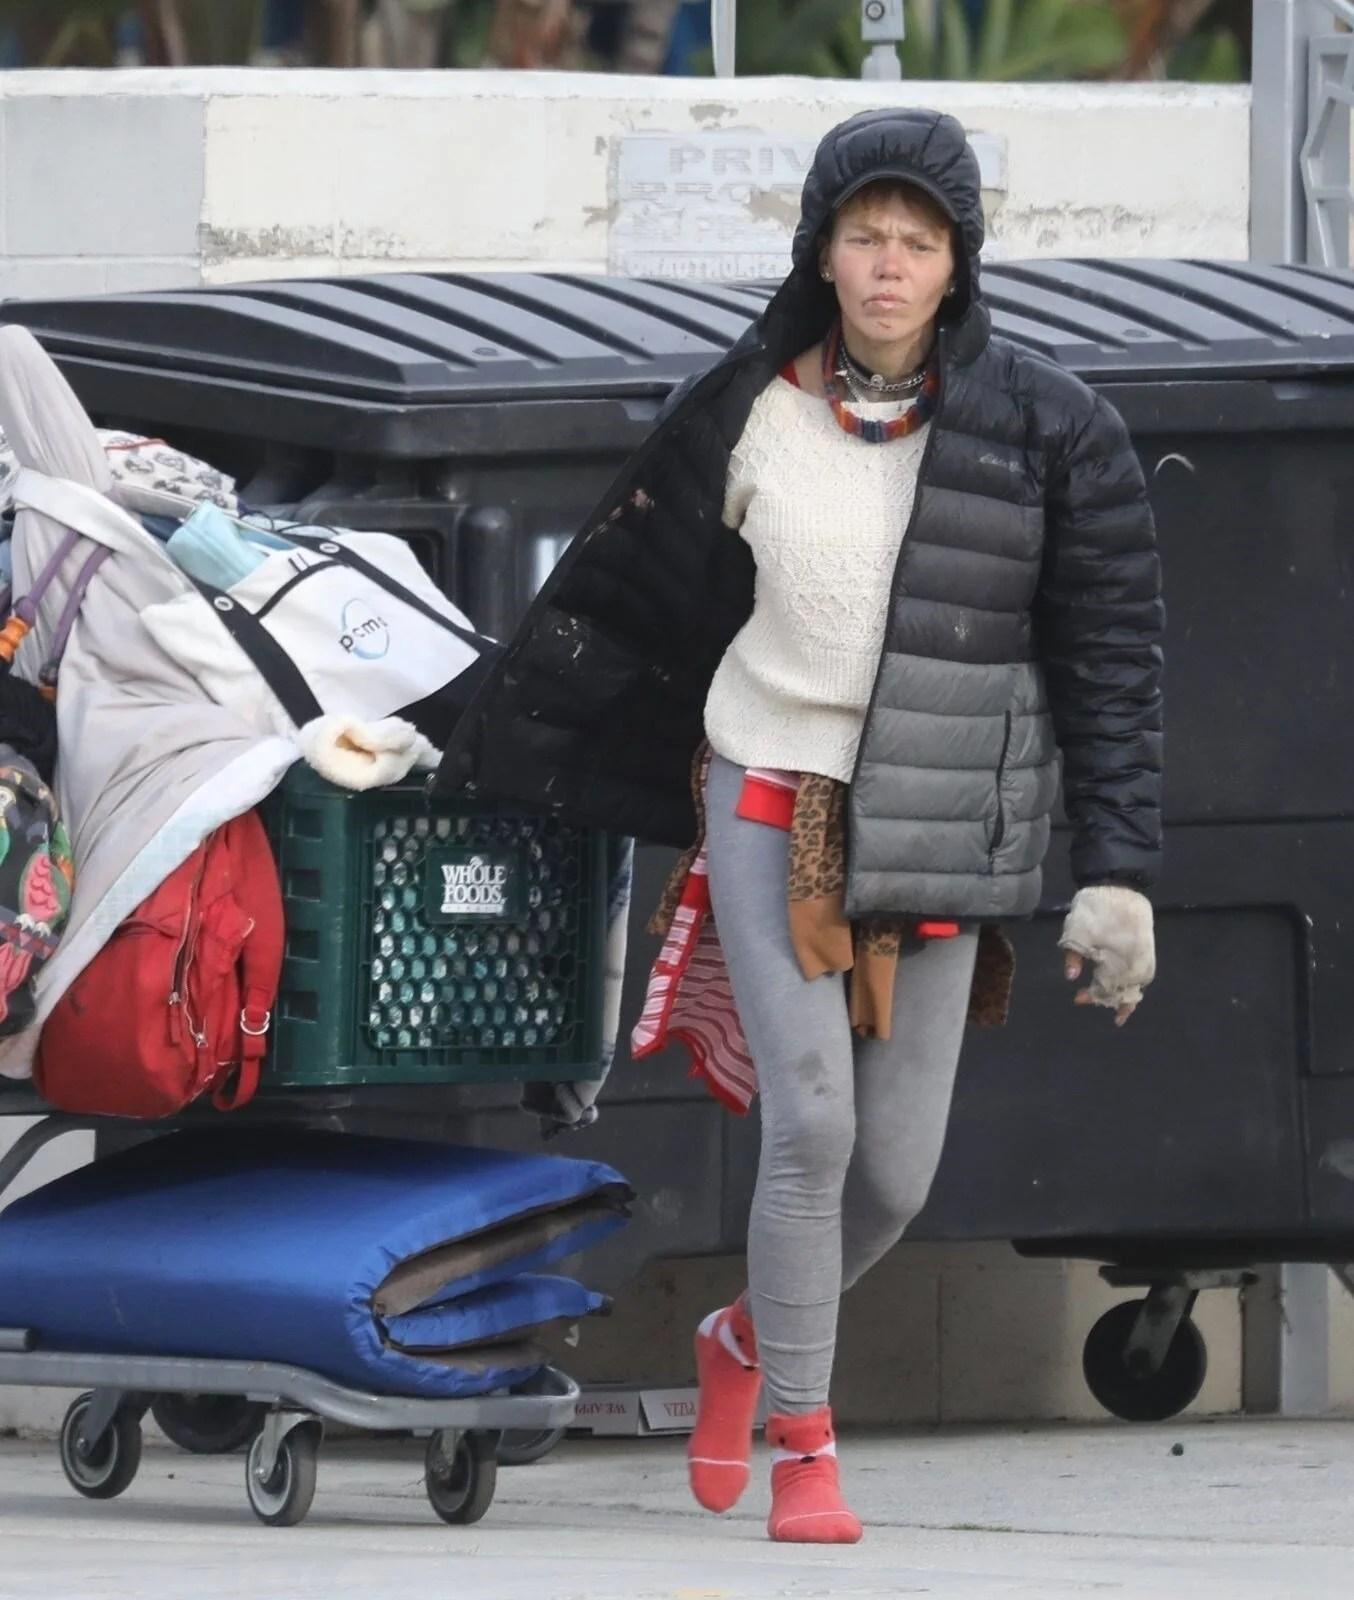 Loni Willison yine çöpleri karıştırırken görüntülendi - 7